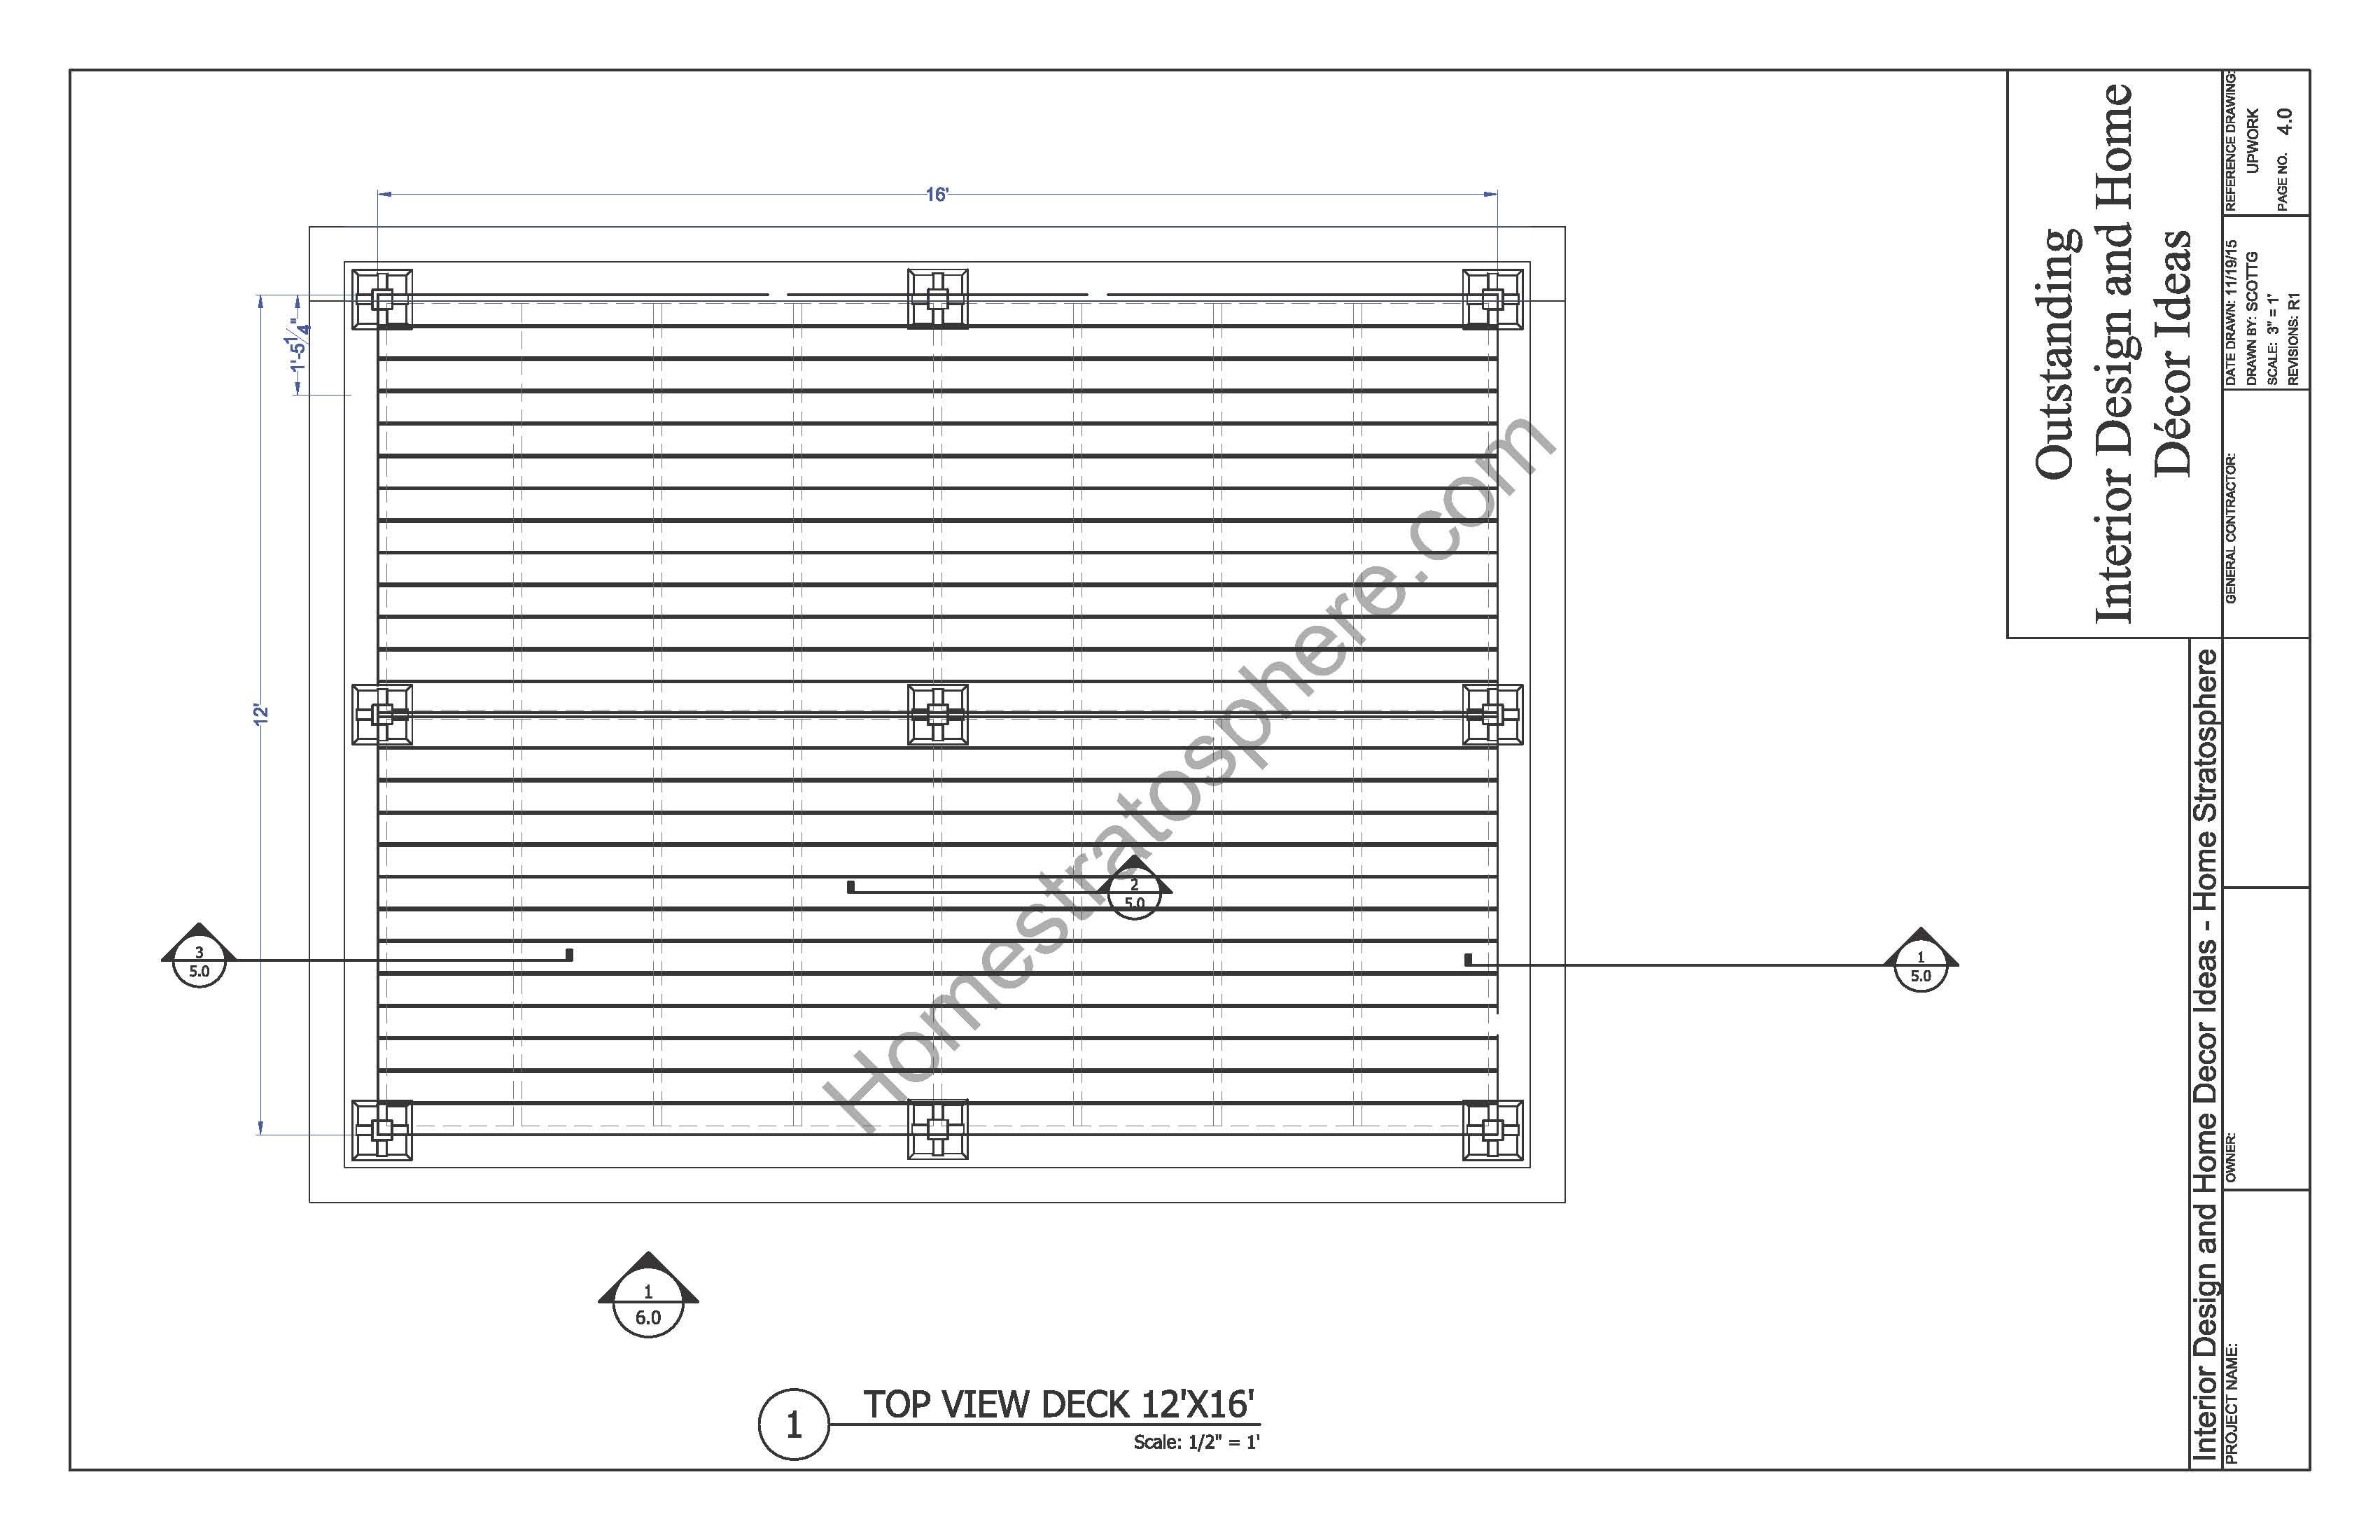 Kitchen Plan Design Software Free